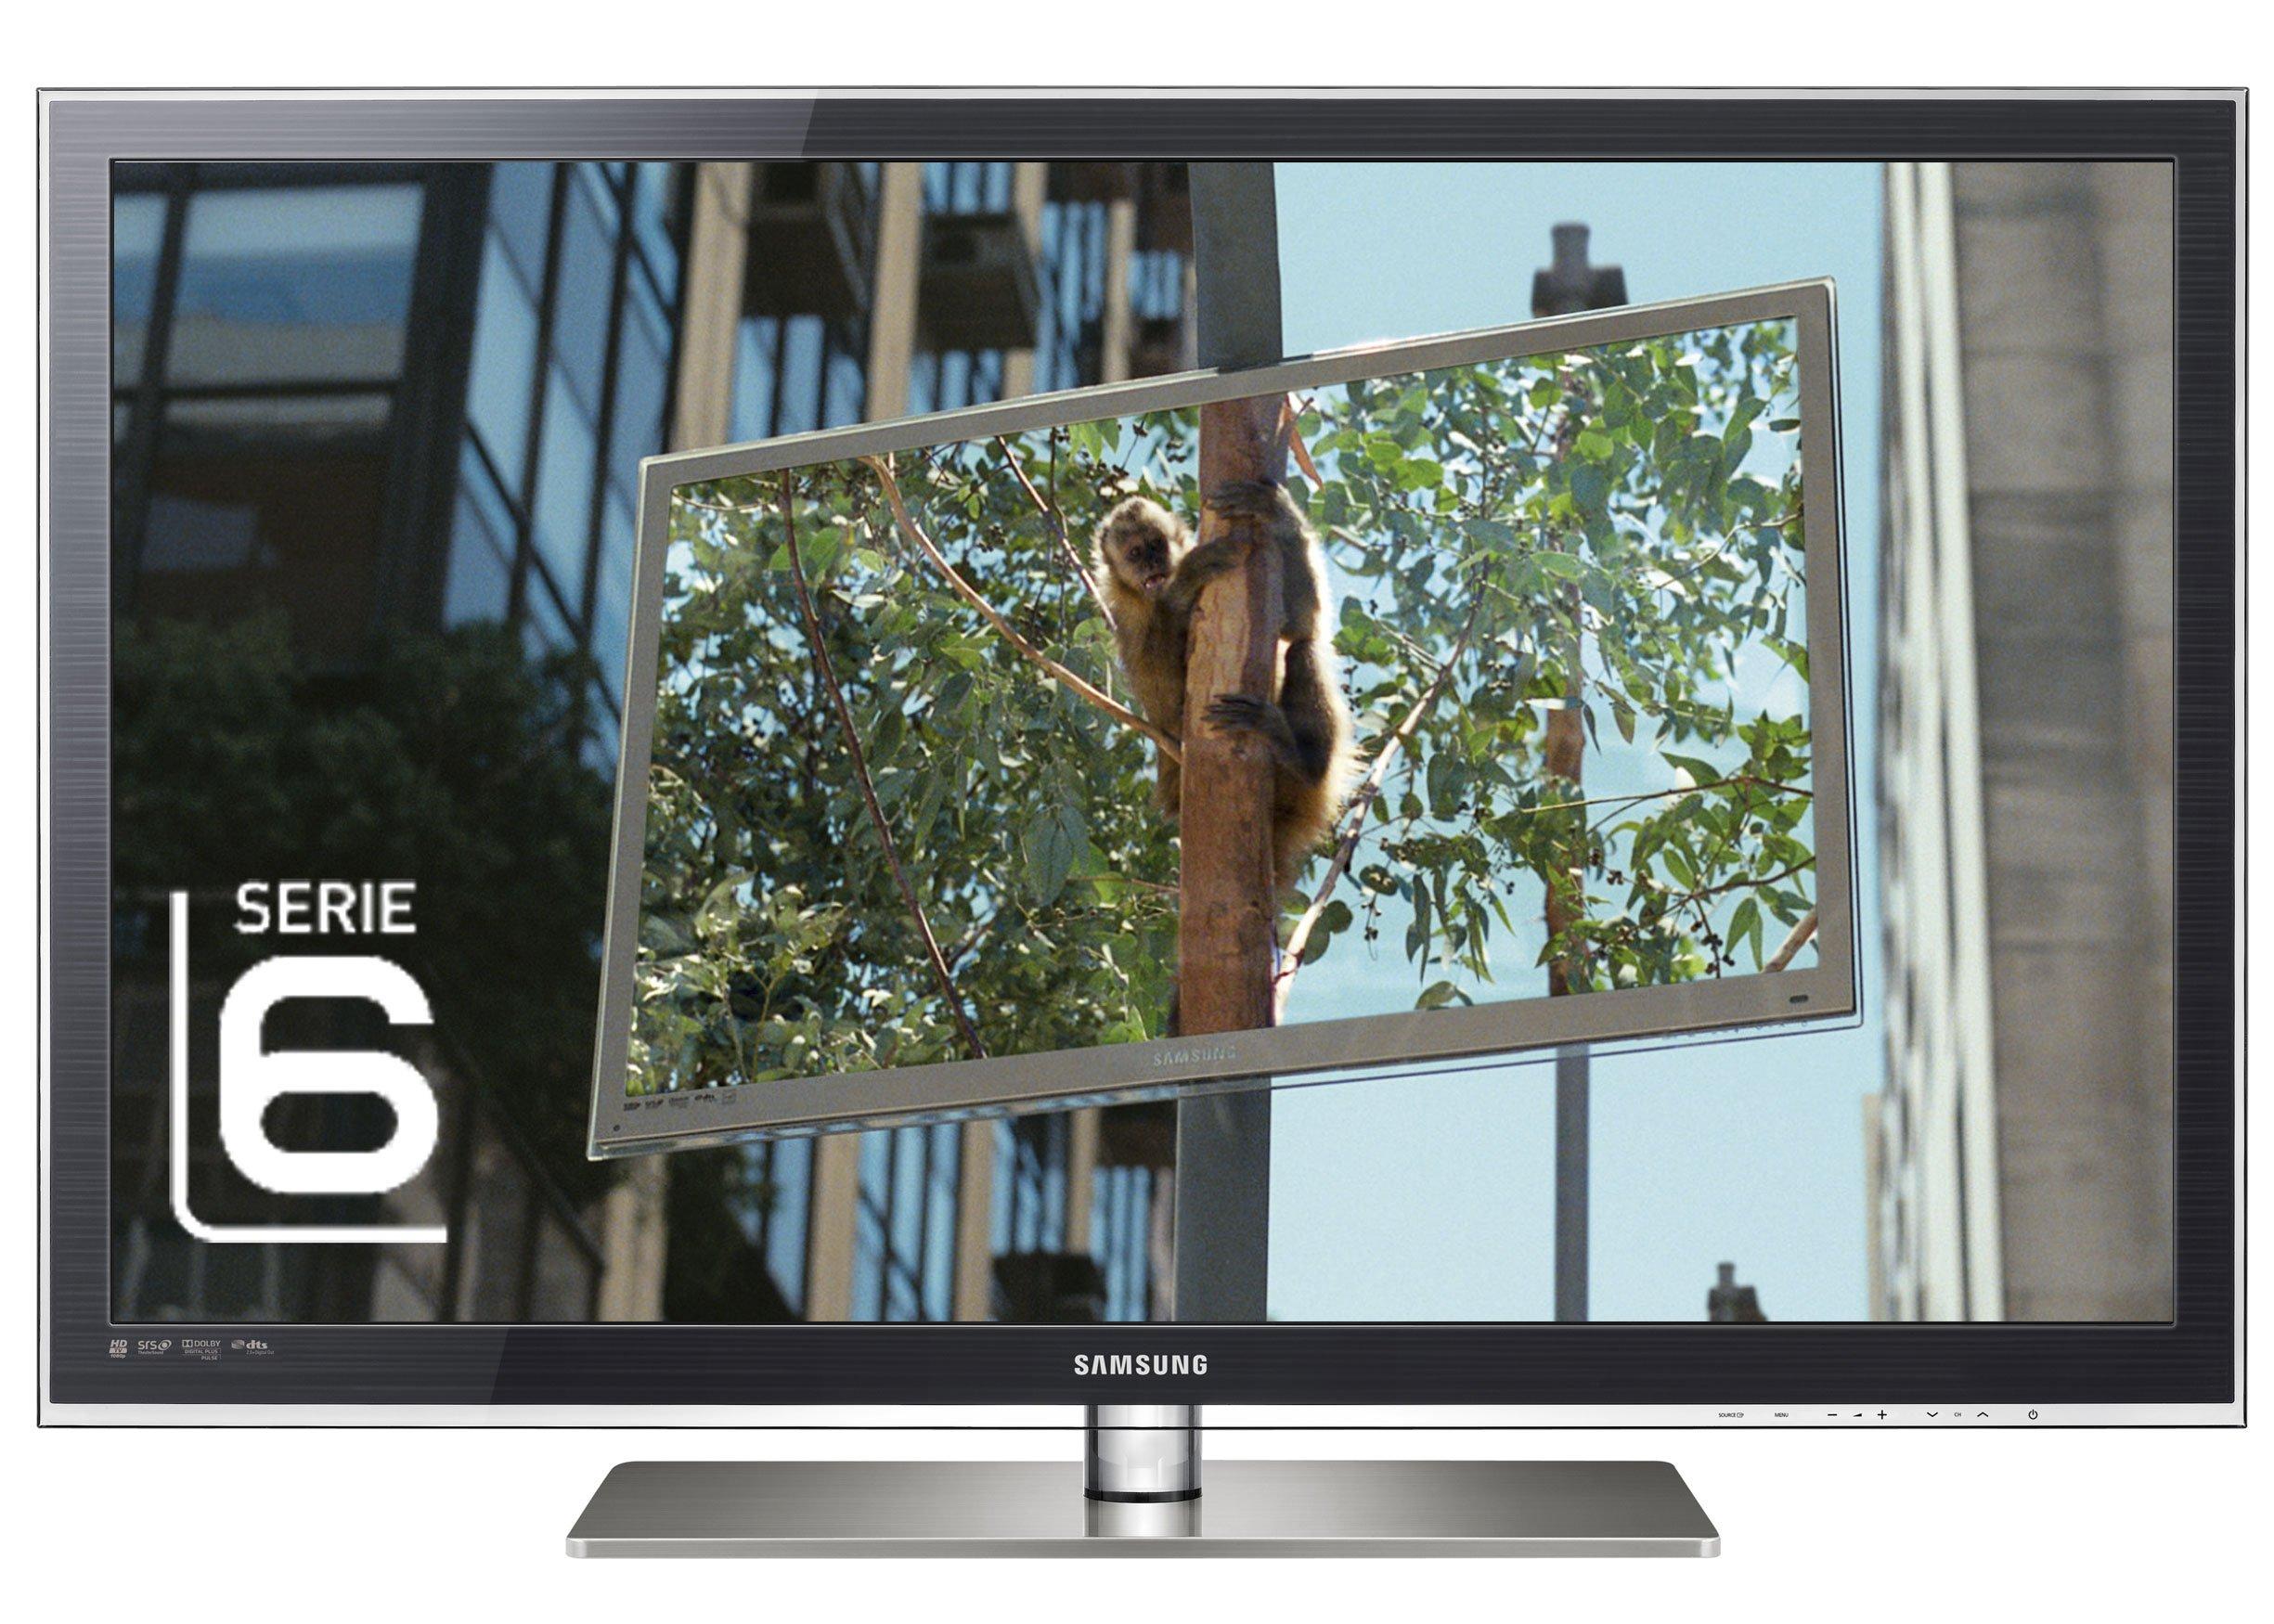 Samsung UE40C6700- Televisión Full HD, Pantalla LCD 40 pulgadas: Amazon.es: Electrónica